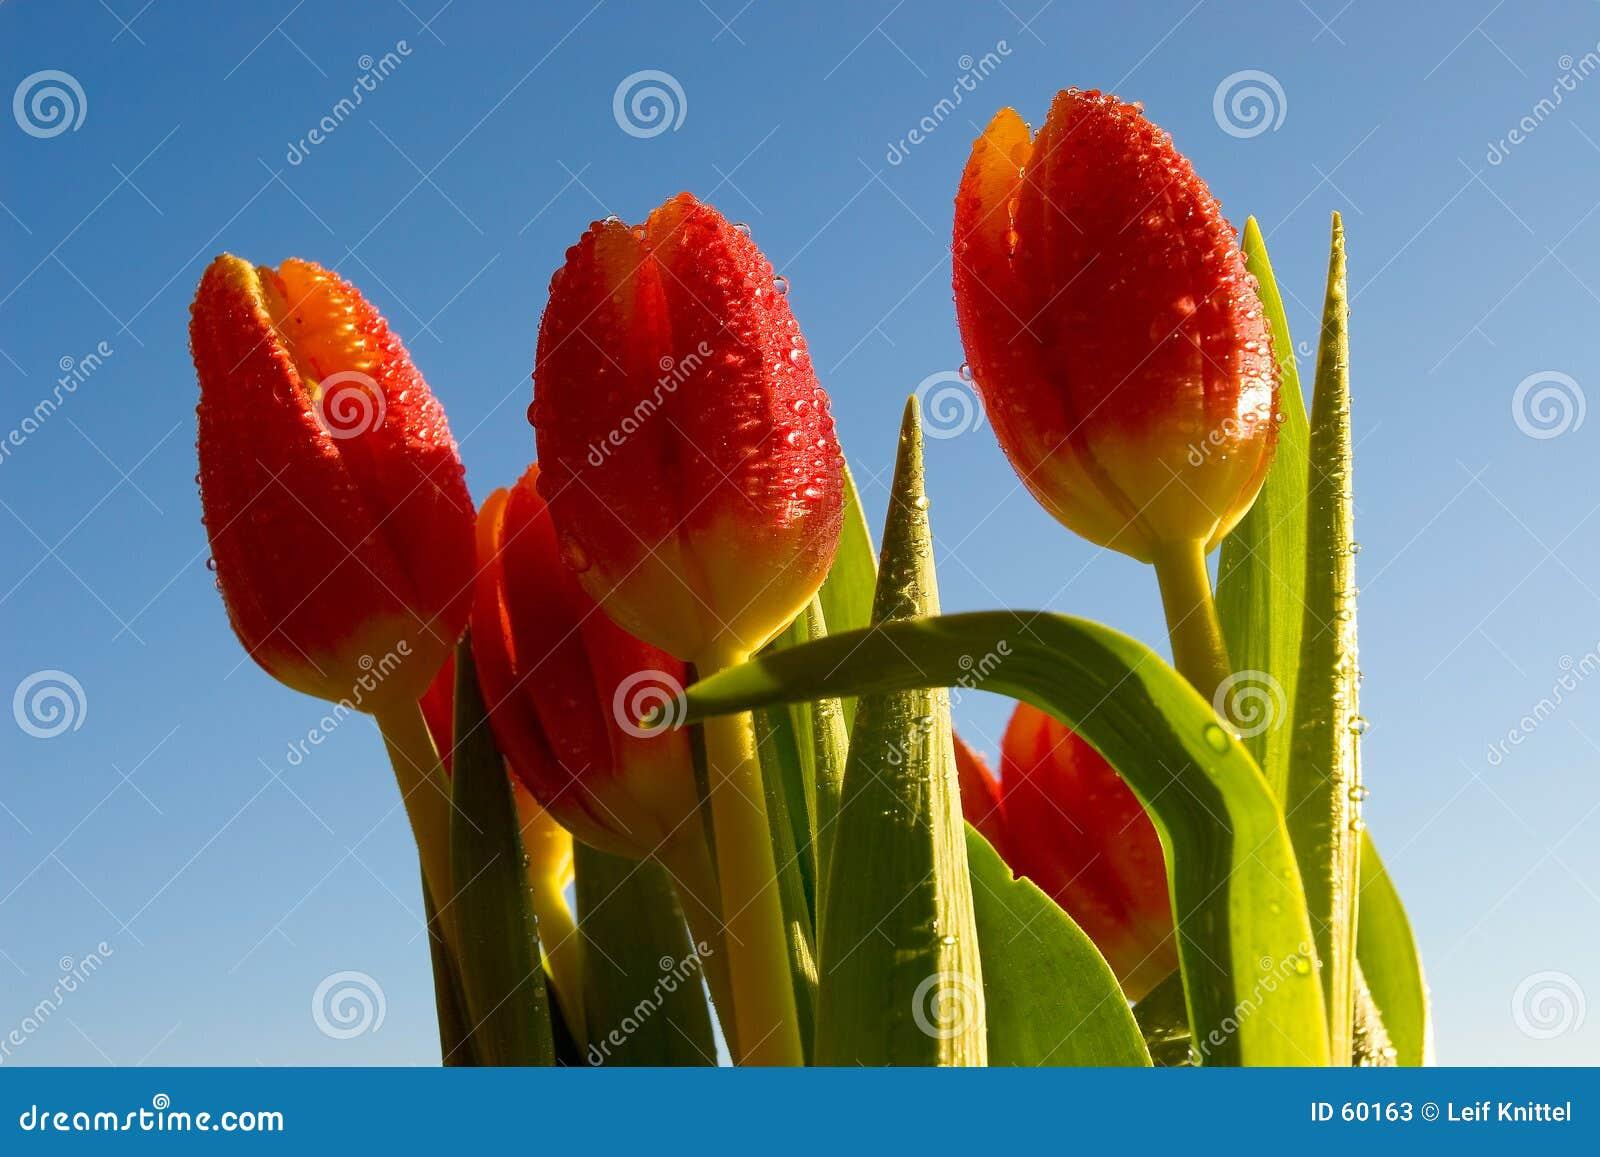 тюльпаны весеннего времени